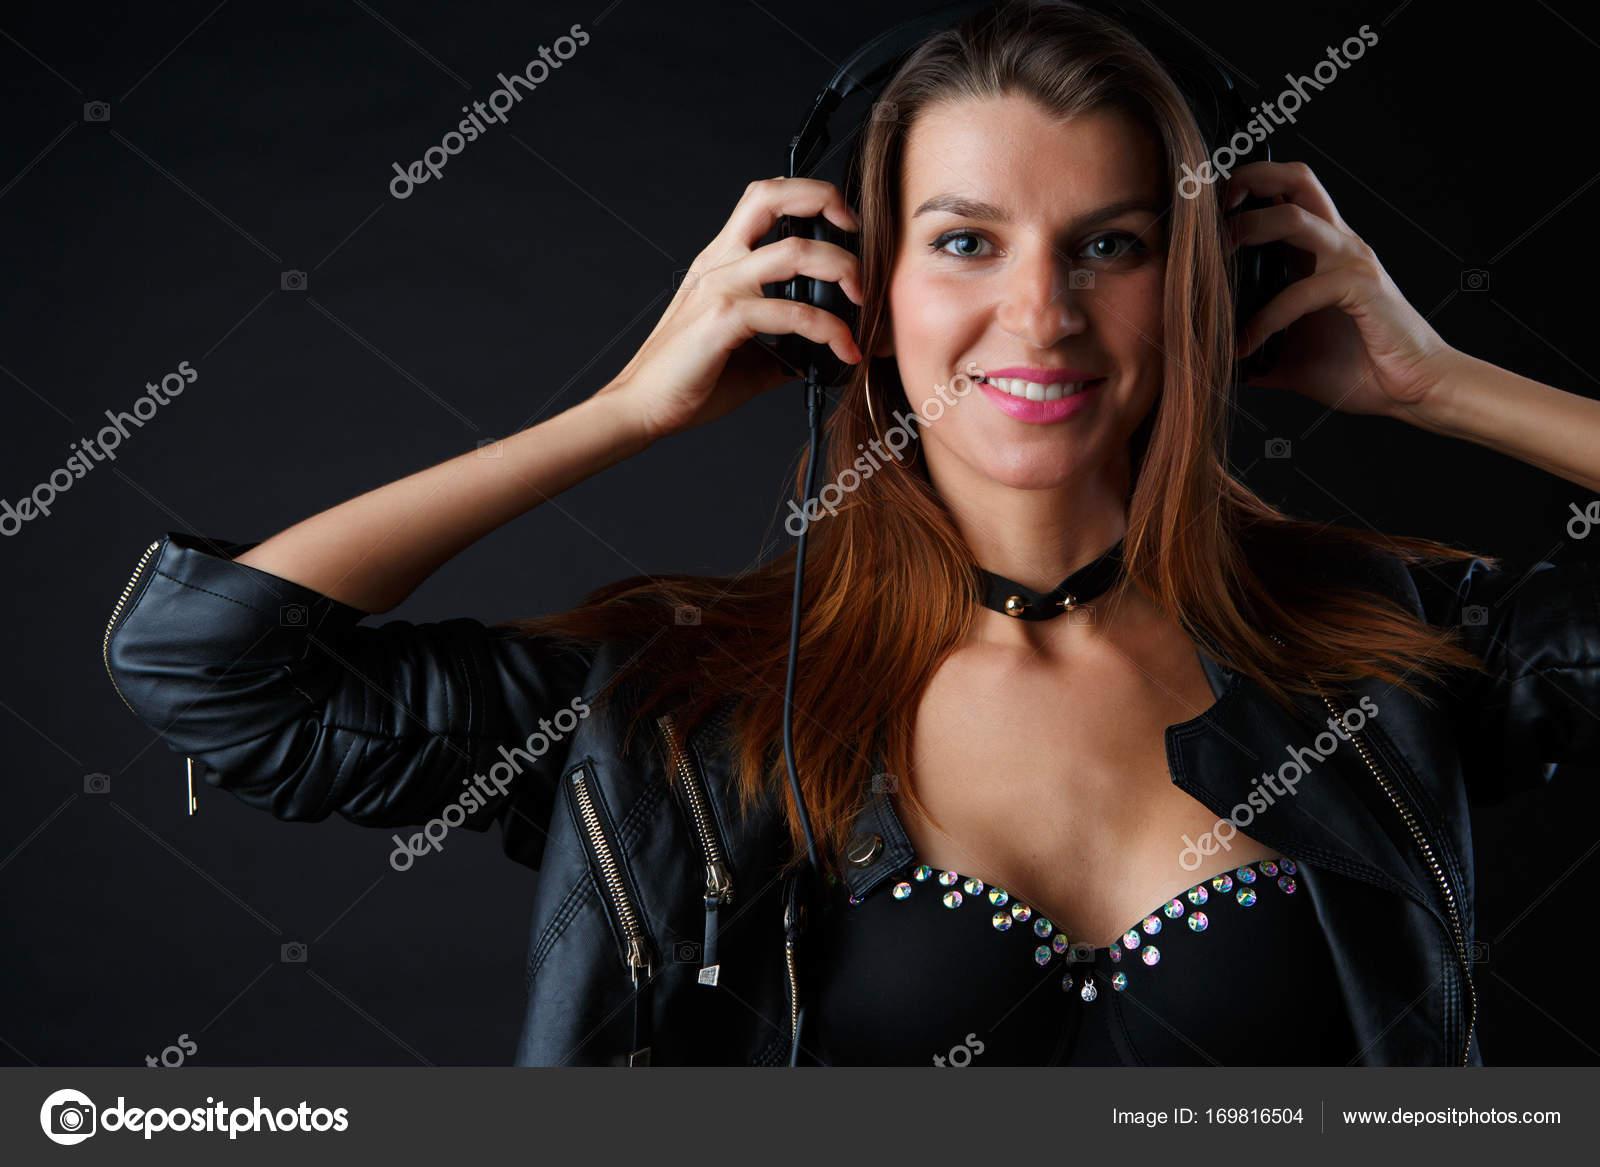 Φωτογραφία της νεαρής γυναίκας που φορώντας ακουστικά σε δερμάτινο μπουφάν  και εσώρουχο σε μαύρο φόντο — Εικόνα από logoff abd4dcbc199